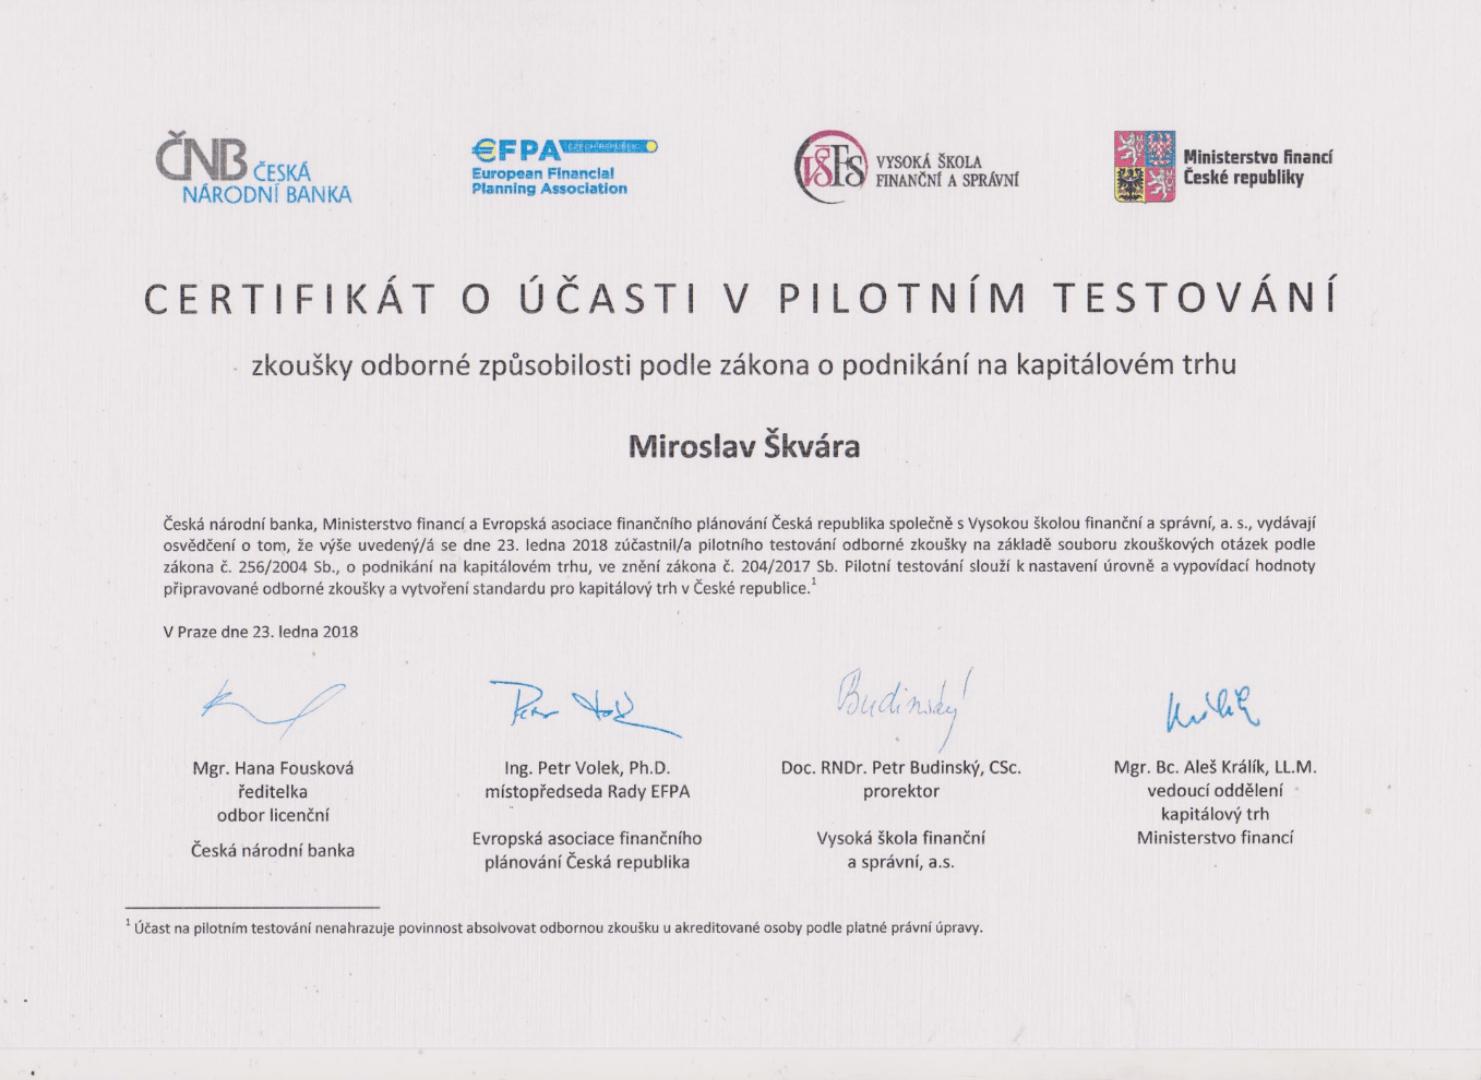 Certifikát o účasti na pilotním testování ZPKT